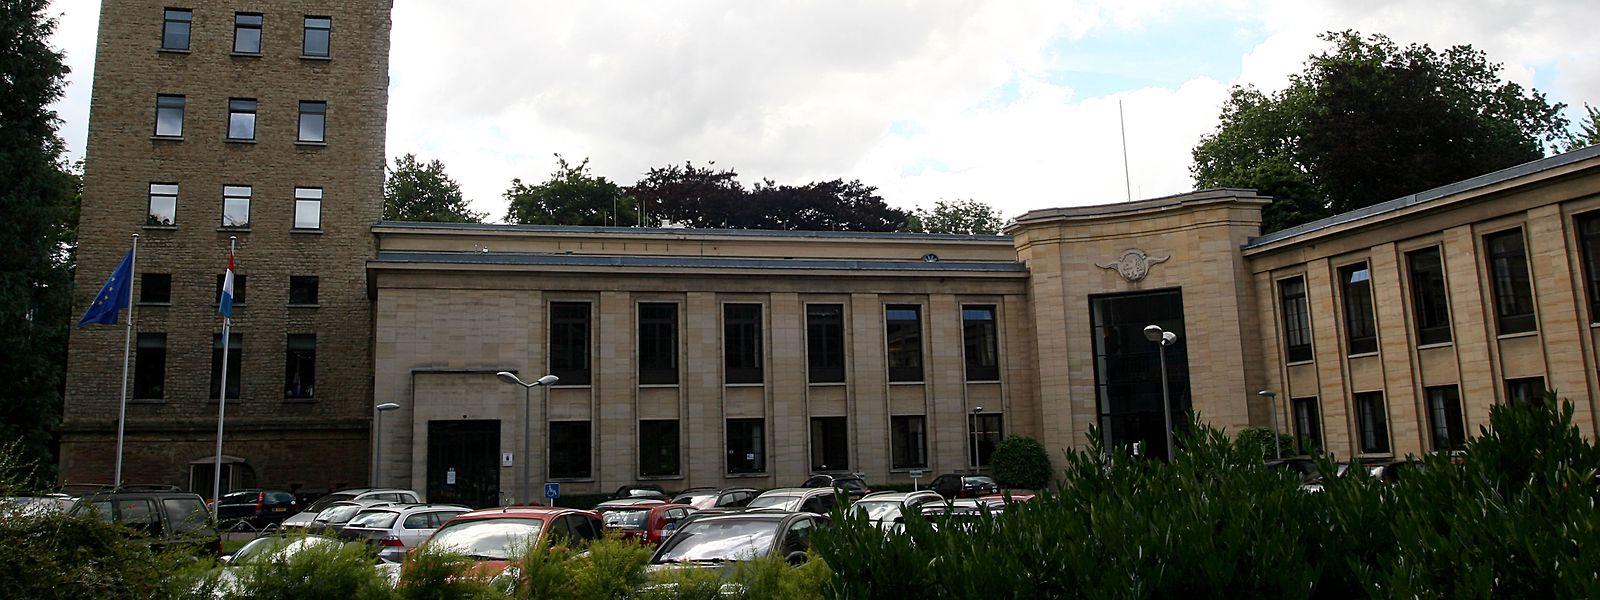 Le ministère de la Culture aura la charge de la Villa Louvigny après le départ des services du ministère de la Santé.